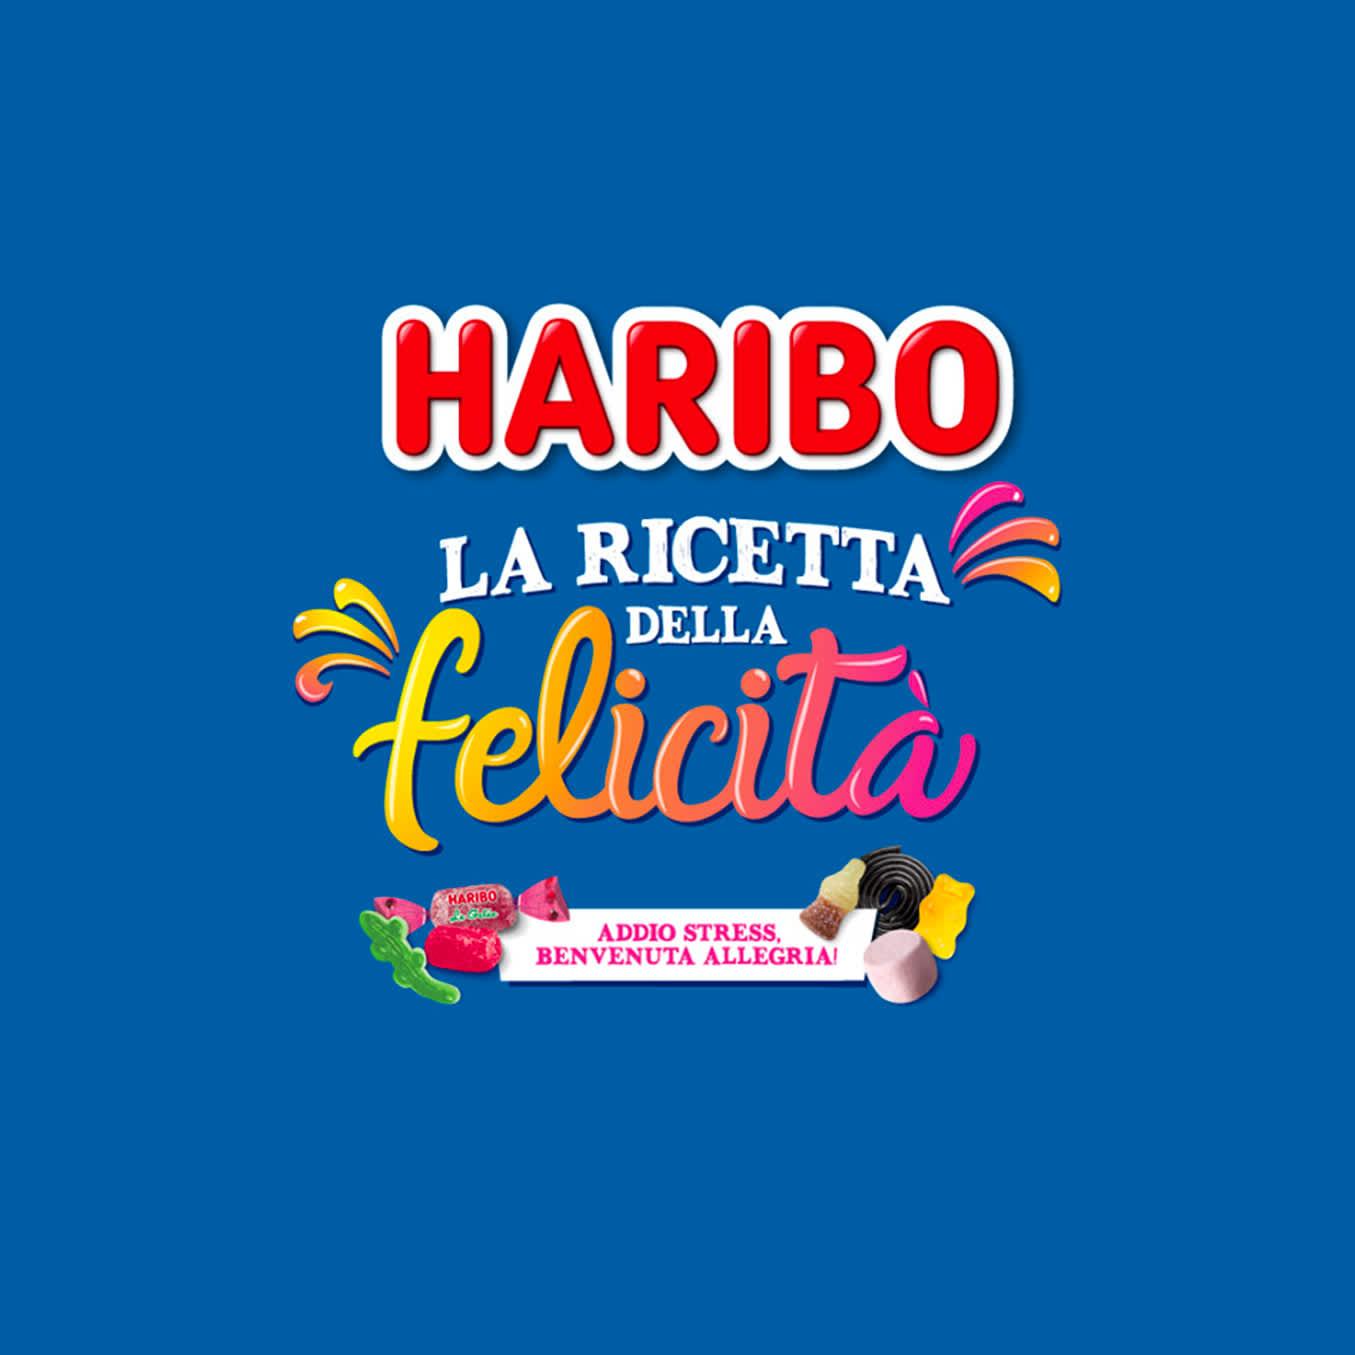 HRB Cover Promozioni Mobile Primavera2020